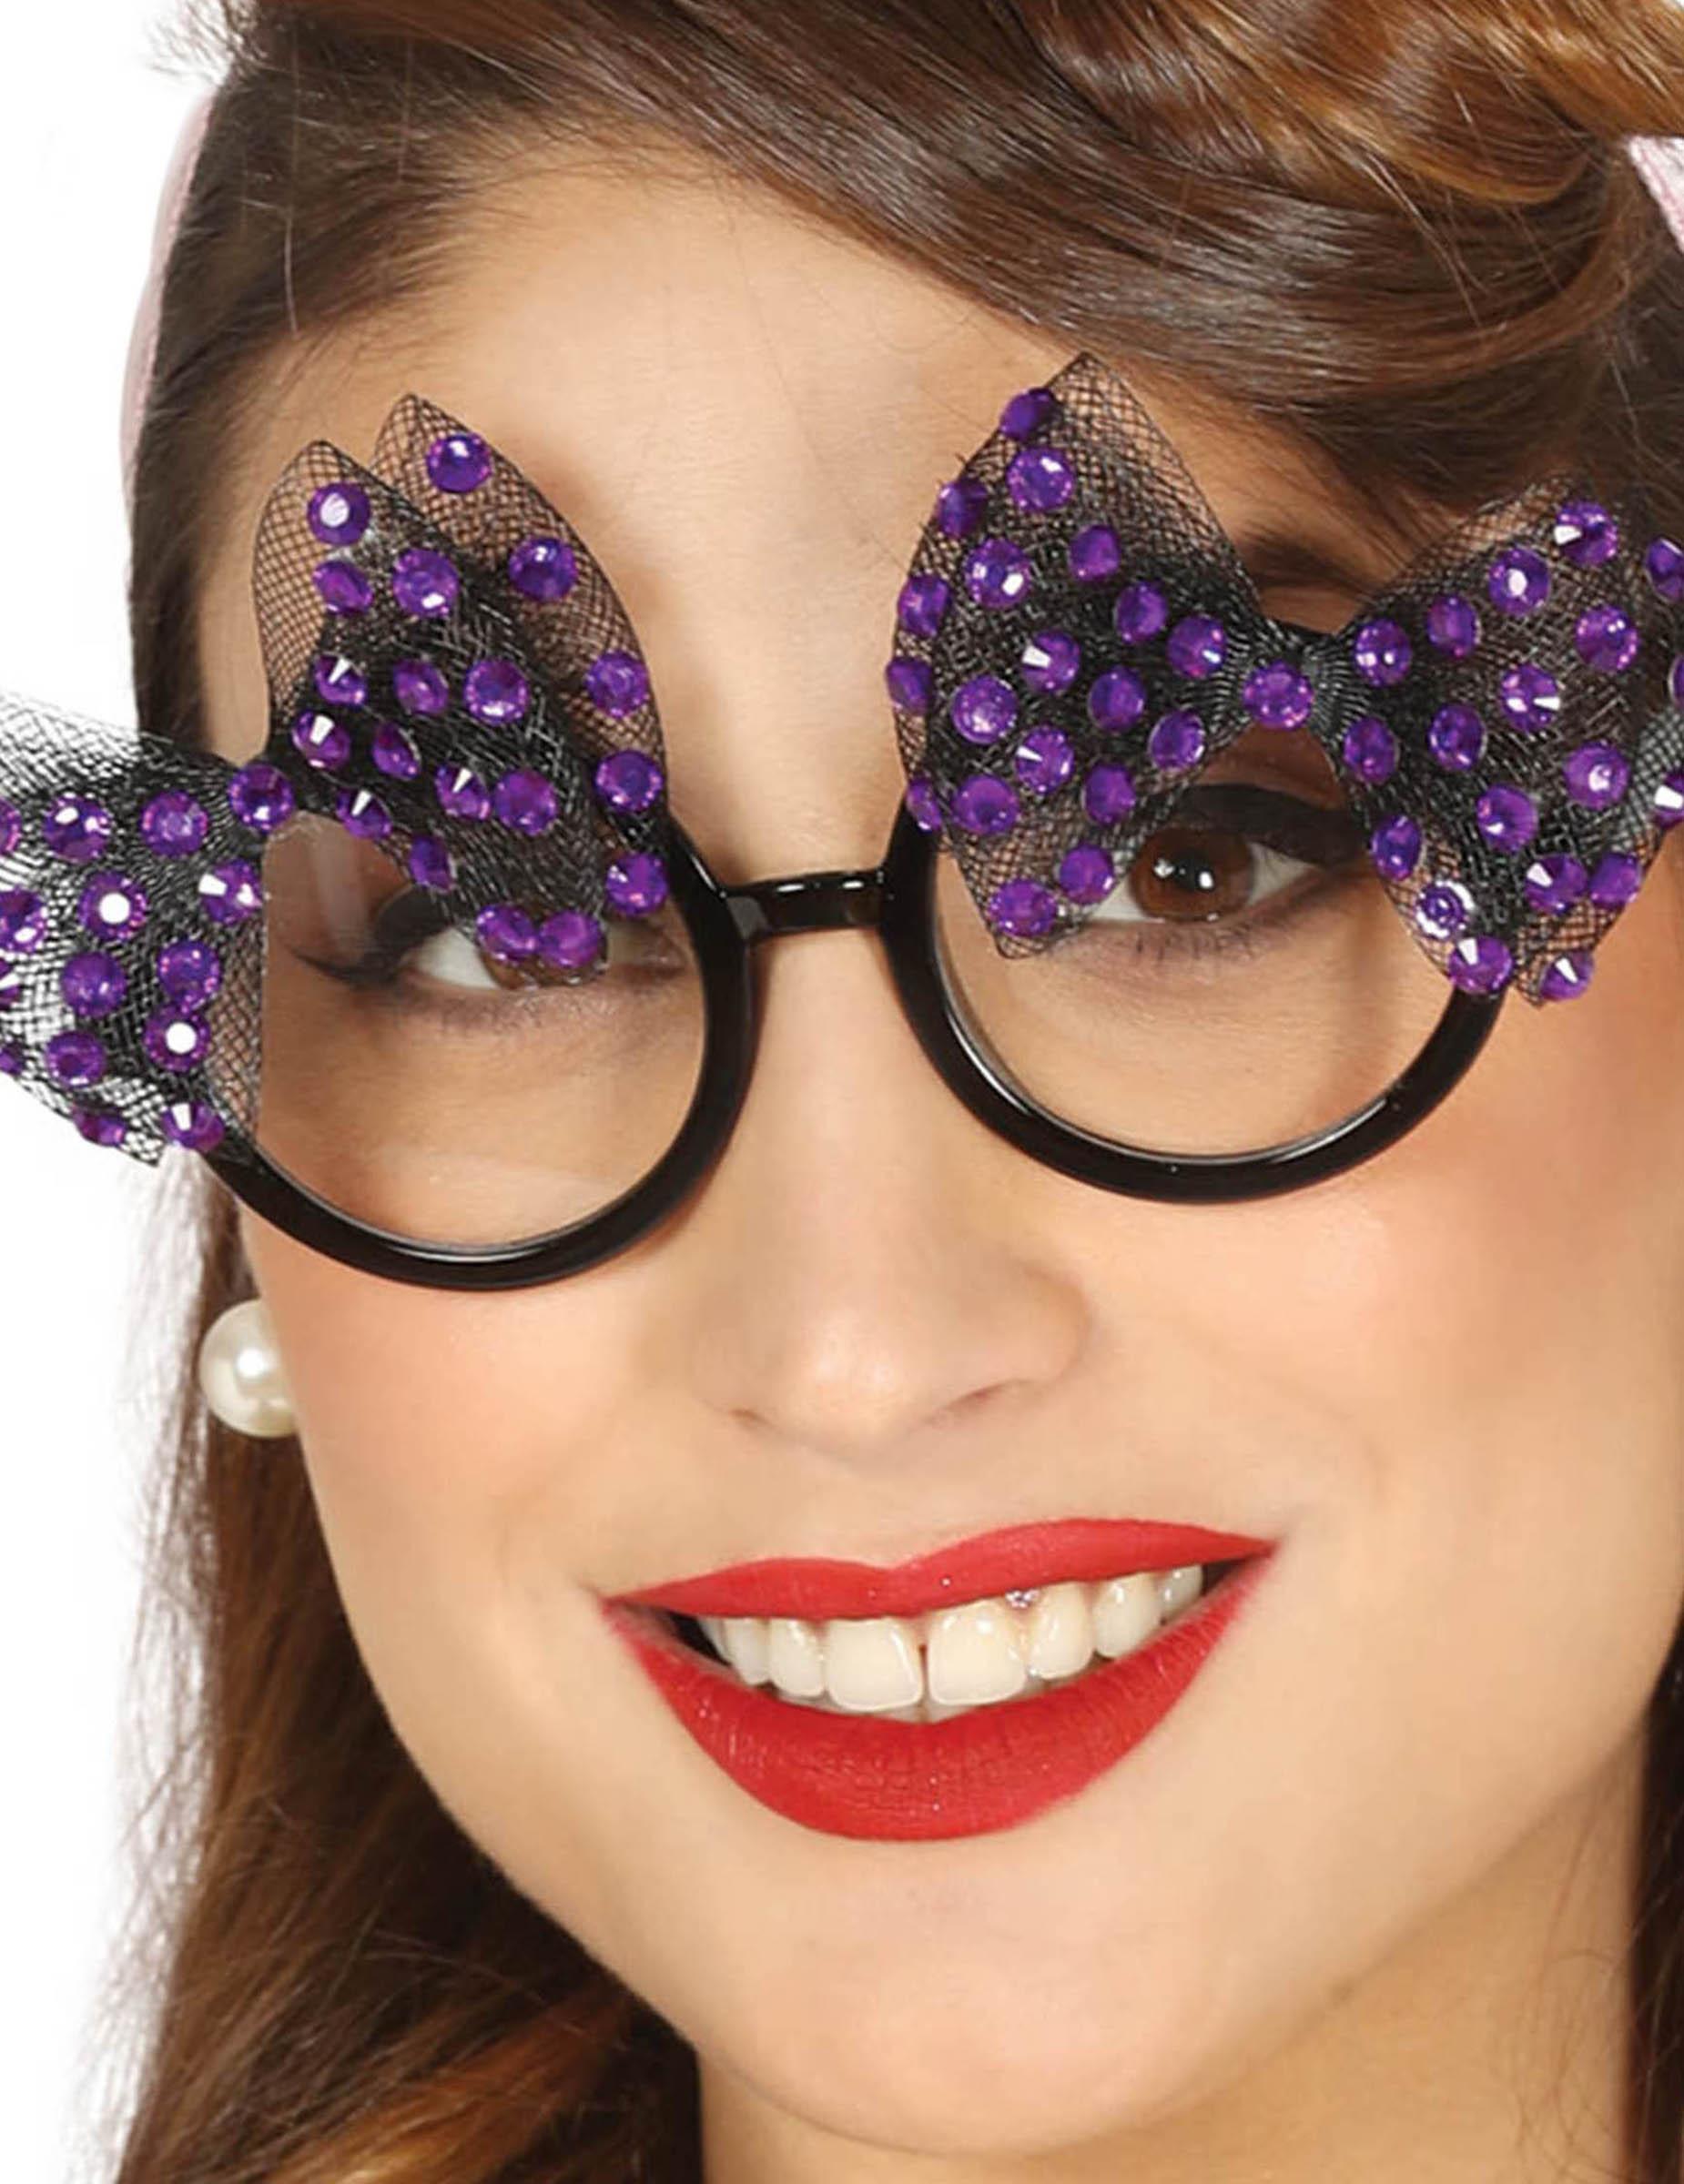 50er jahre brille mit violetten perlen f r damen g nstige faschings accessoires zubeh r bei. Black Bedroom Furniture Sets. Home Design Ideas